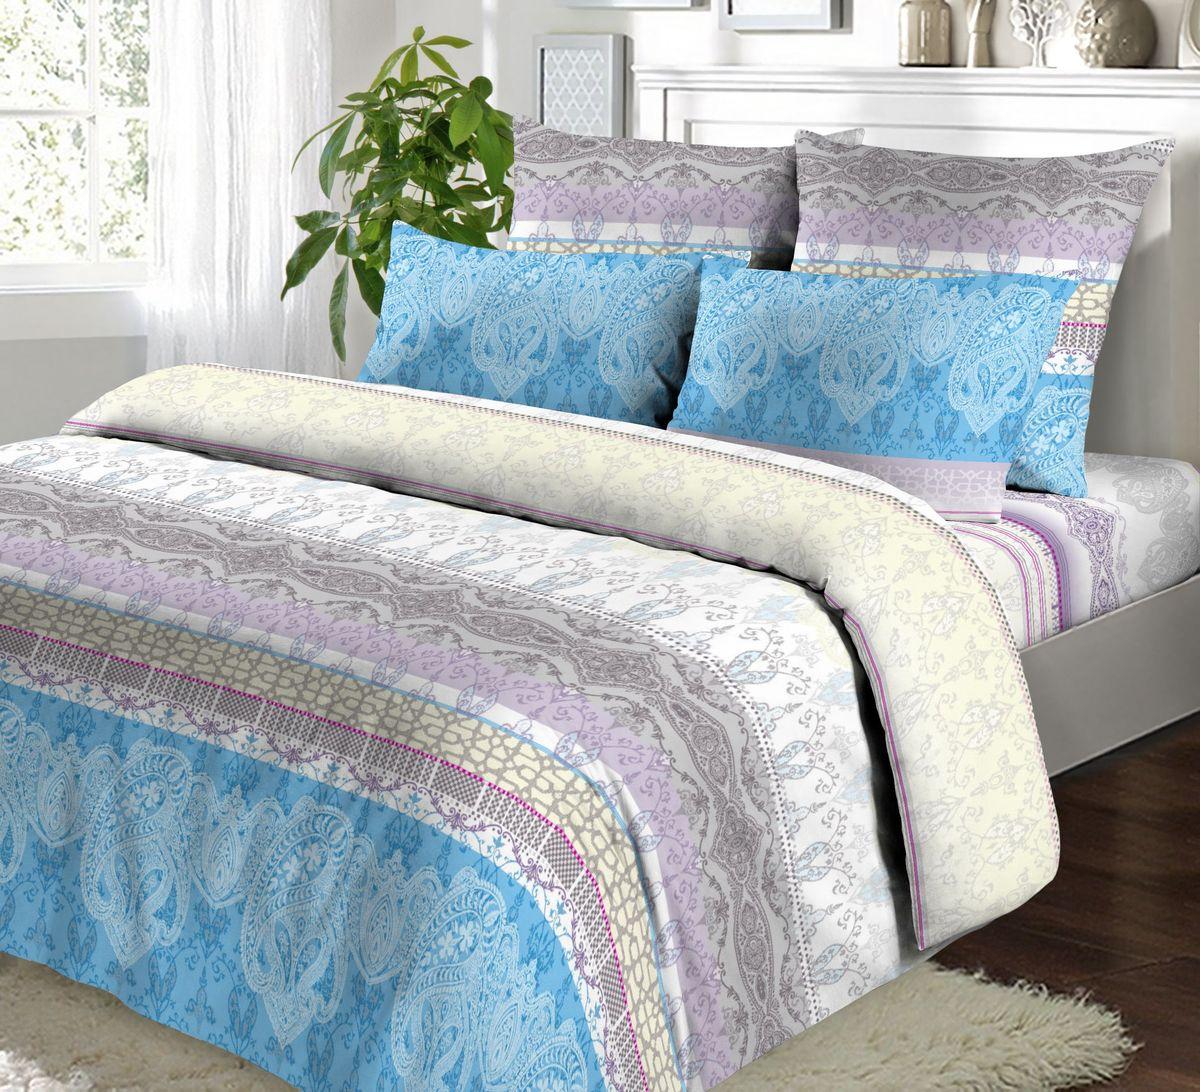 Комплект белья Коллекция Версаль, 1,5-спальный, наволочки 70x70 смБК1,5/70/ОЗ/верКомплект постельного белья Версаль включает в себя четыре предмета: простыню, пододеяльник и две наволочки, выполненные из бязи. Бязь - гладкая и прочная ткань, которая своим блеском, легкостью и гладкостью похожа на шелк, но выгодно отличается от него в цене.